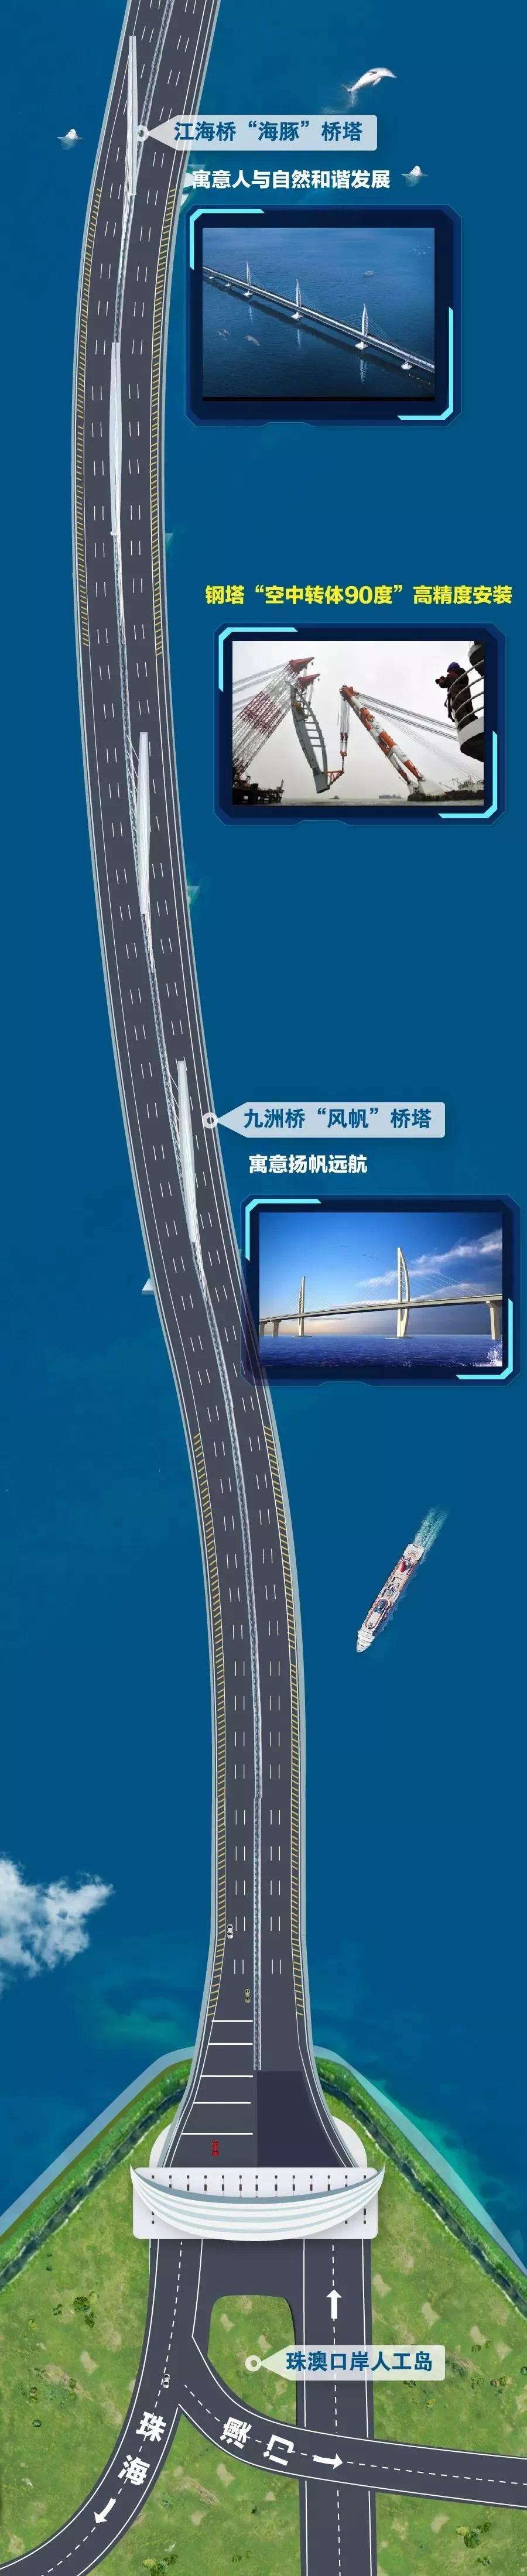 港珠澳大桥通车!总工程师是宝鸡人,钢梁钢塔、扶梯是宝鸡造!